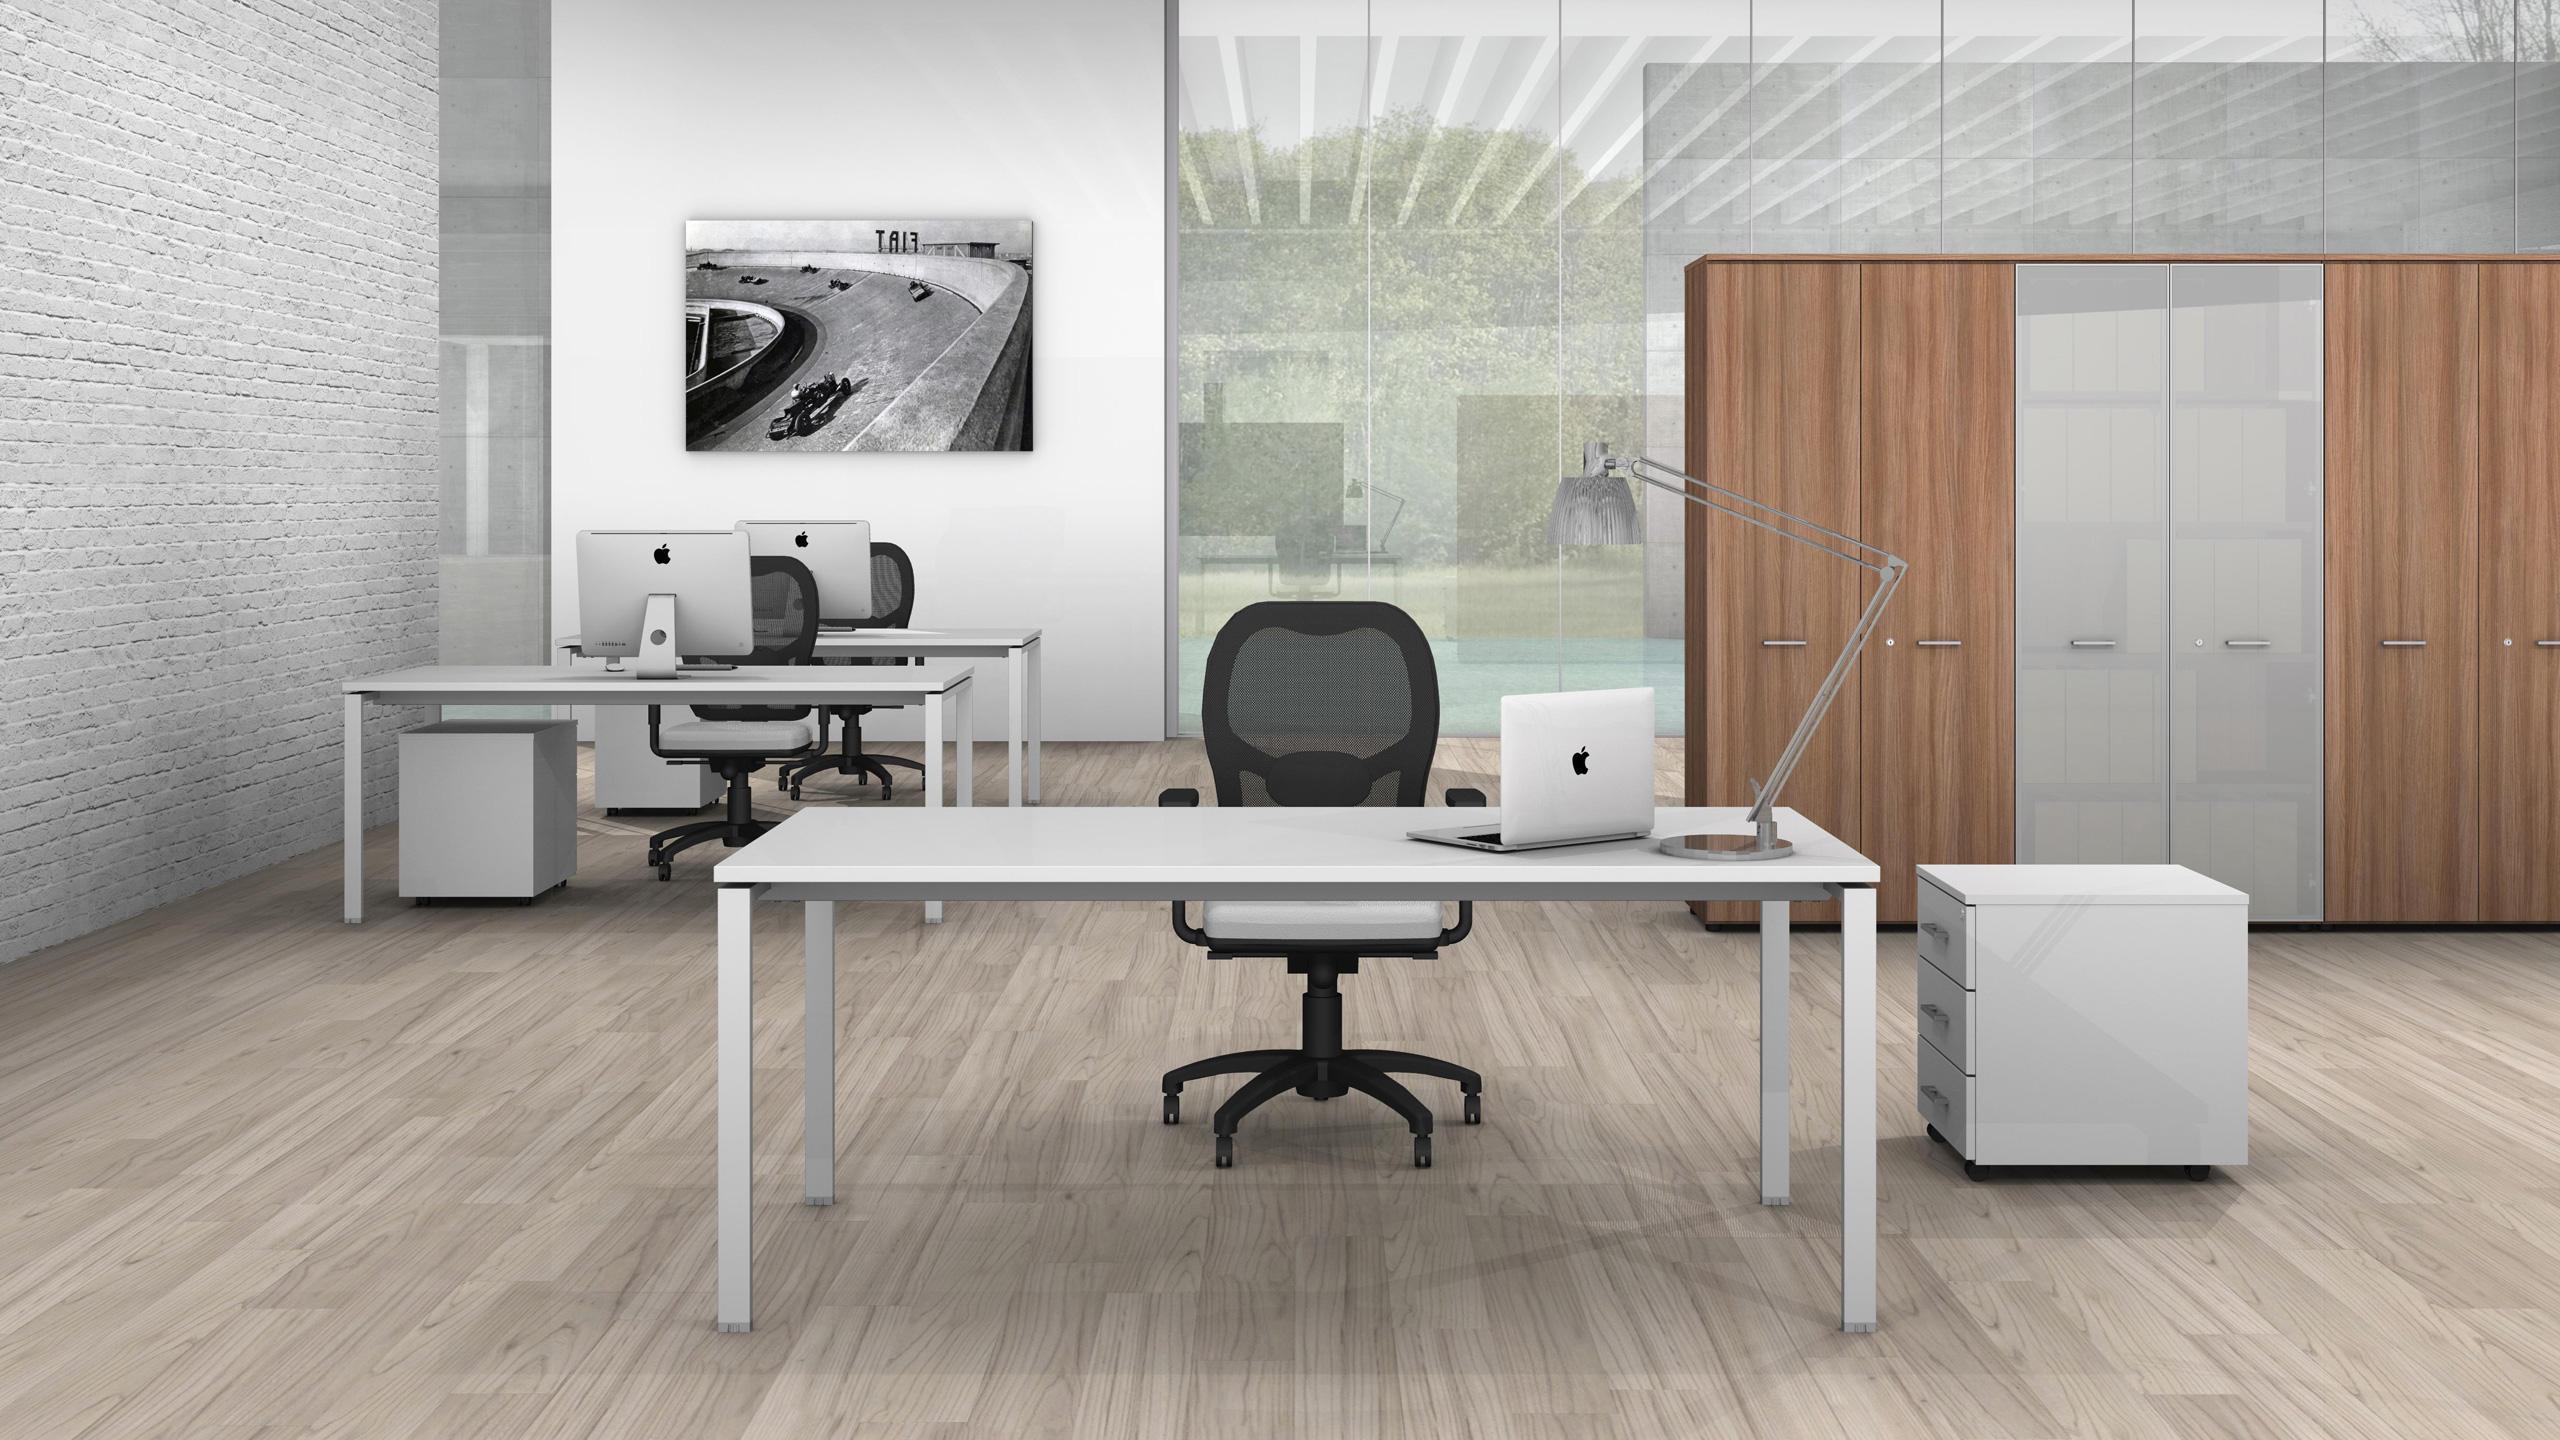 Mobili per ufficio milano fumu for Scrivanie ufficio milano